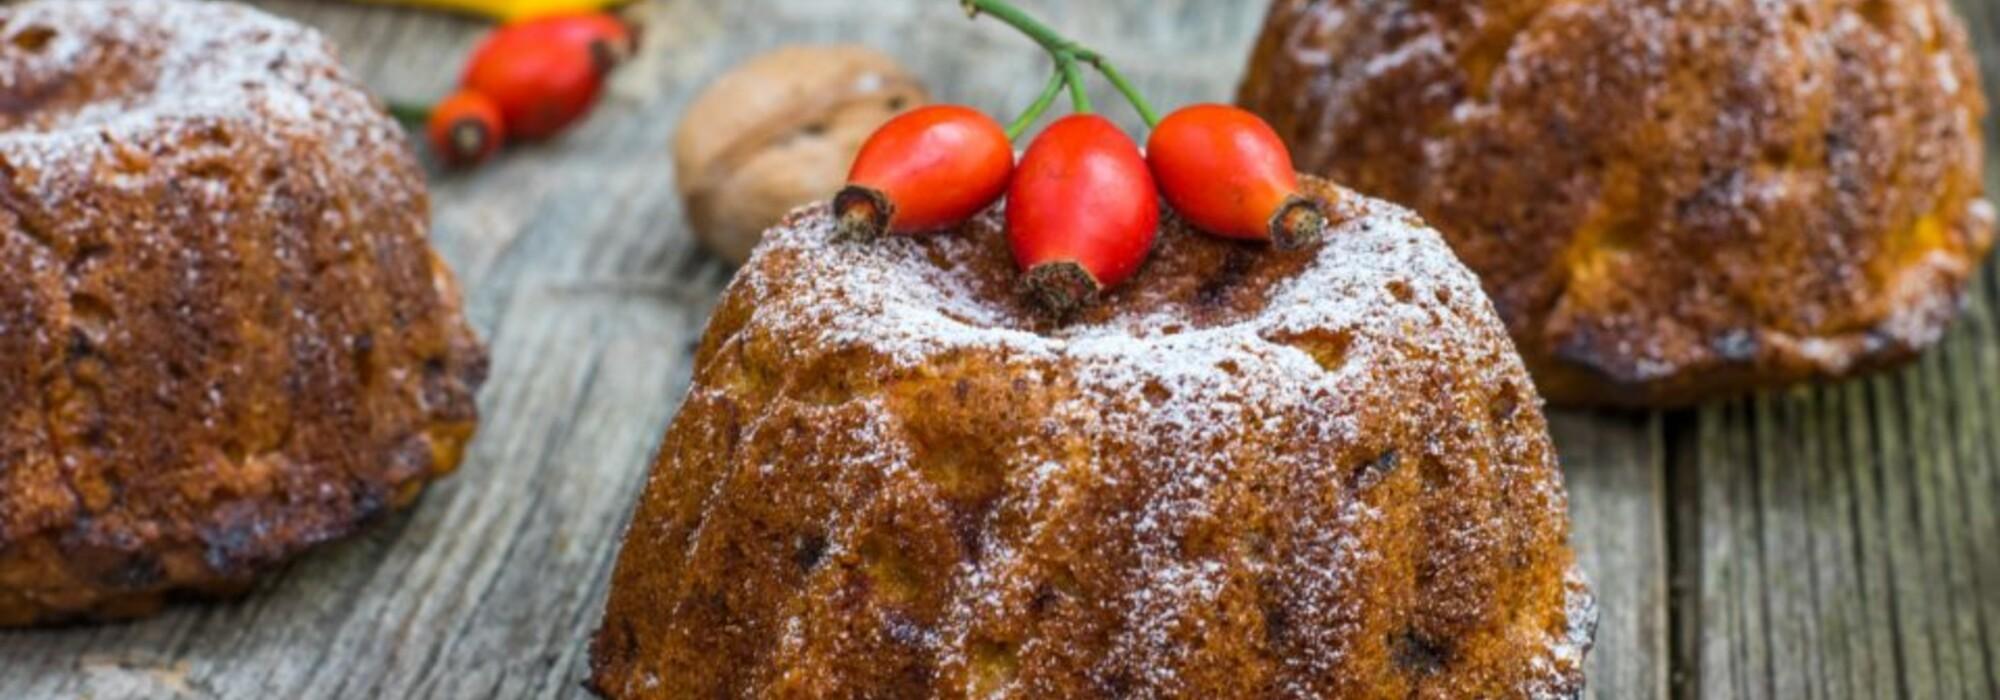 Koolhydraatarme wortelpeterselie cake